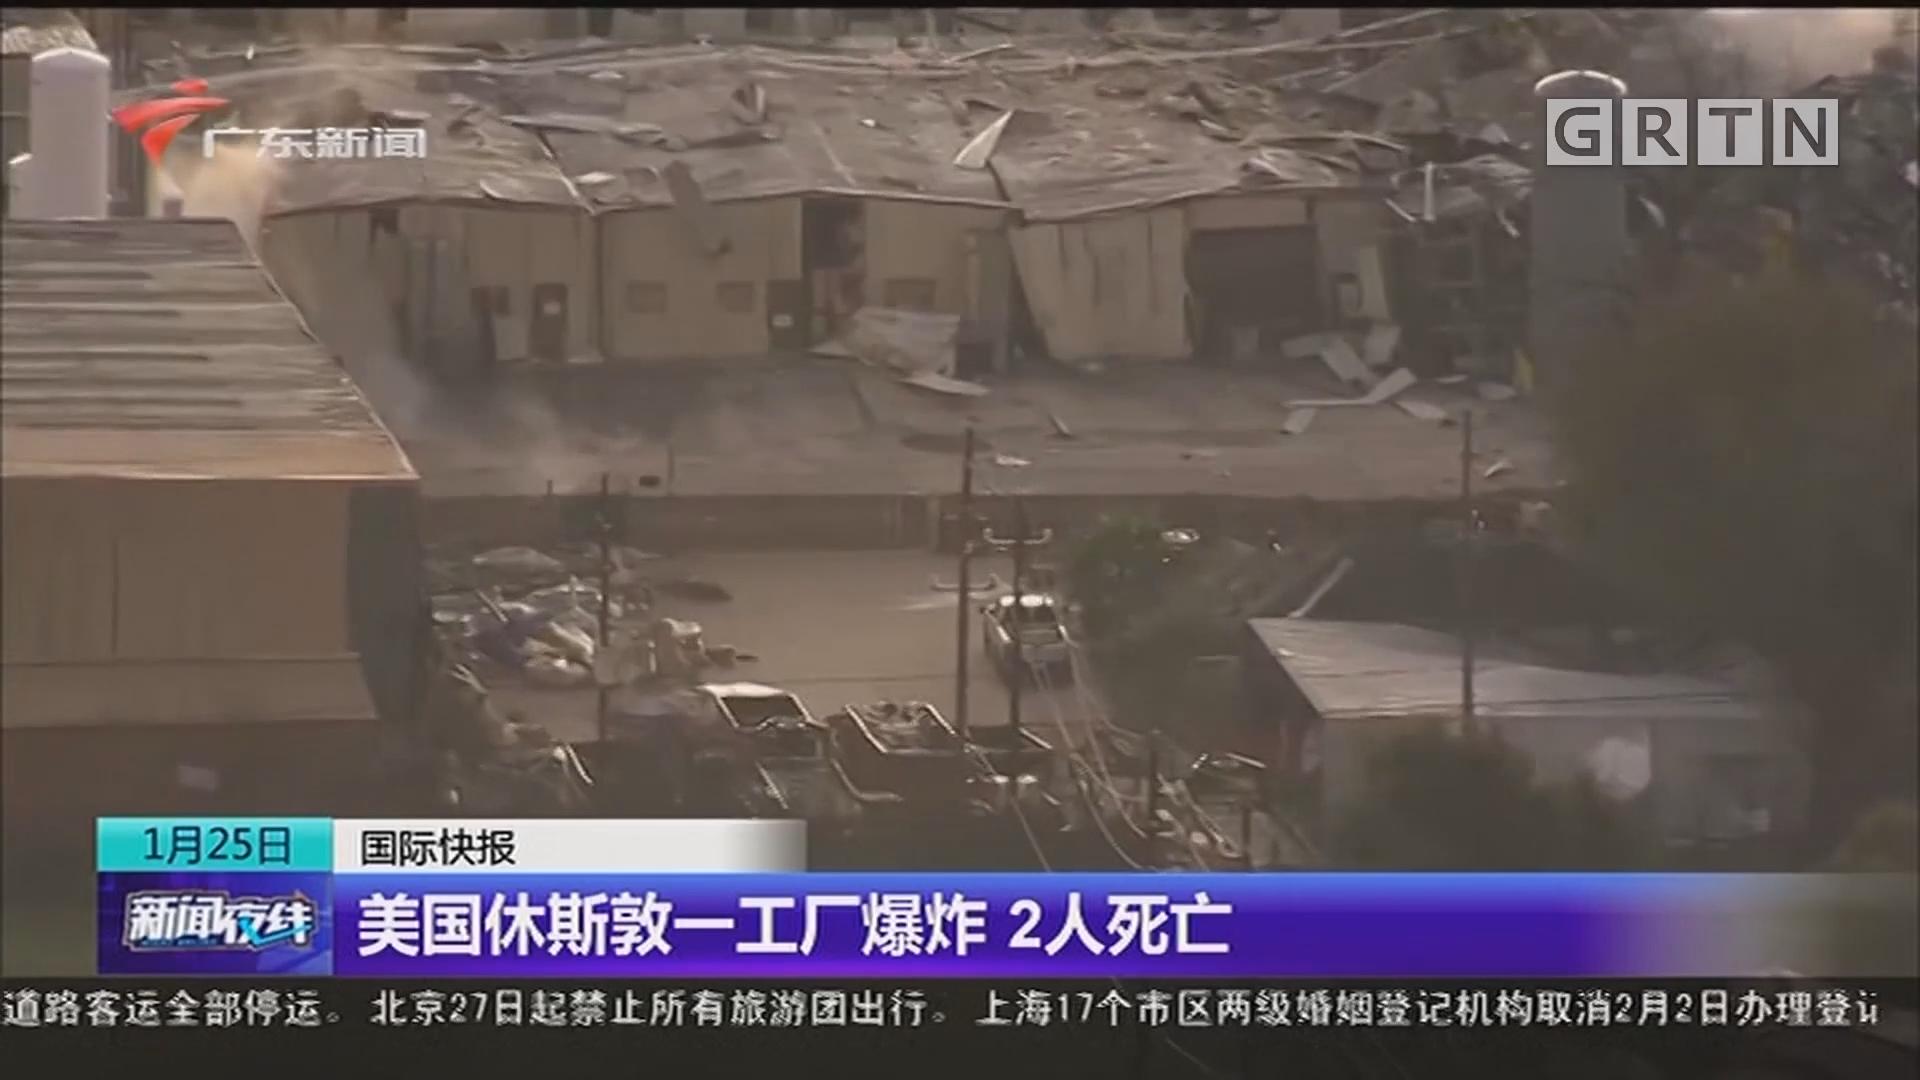 美国休斯敦一工厂爆炸 2人死亡